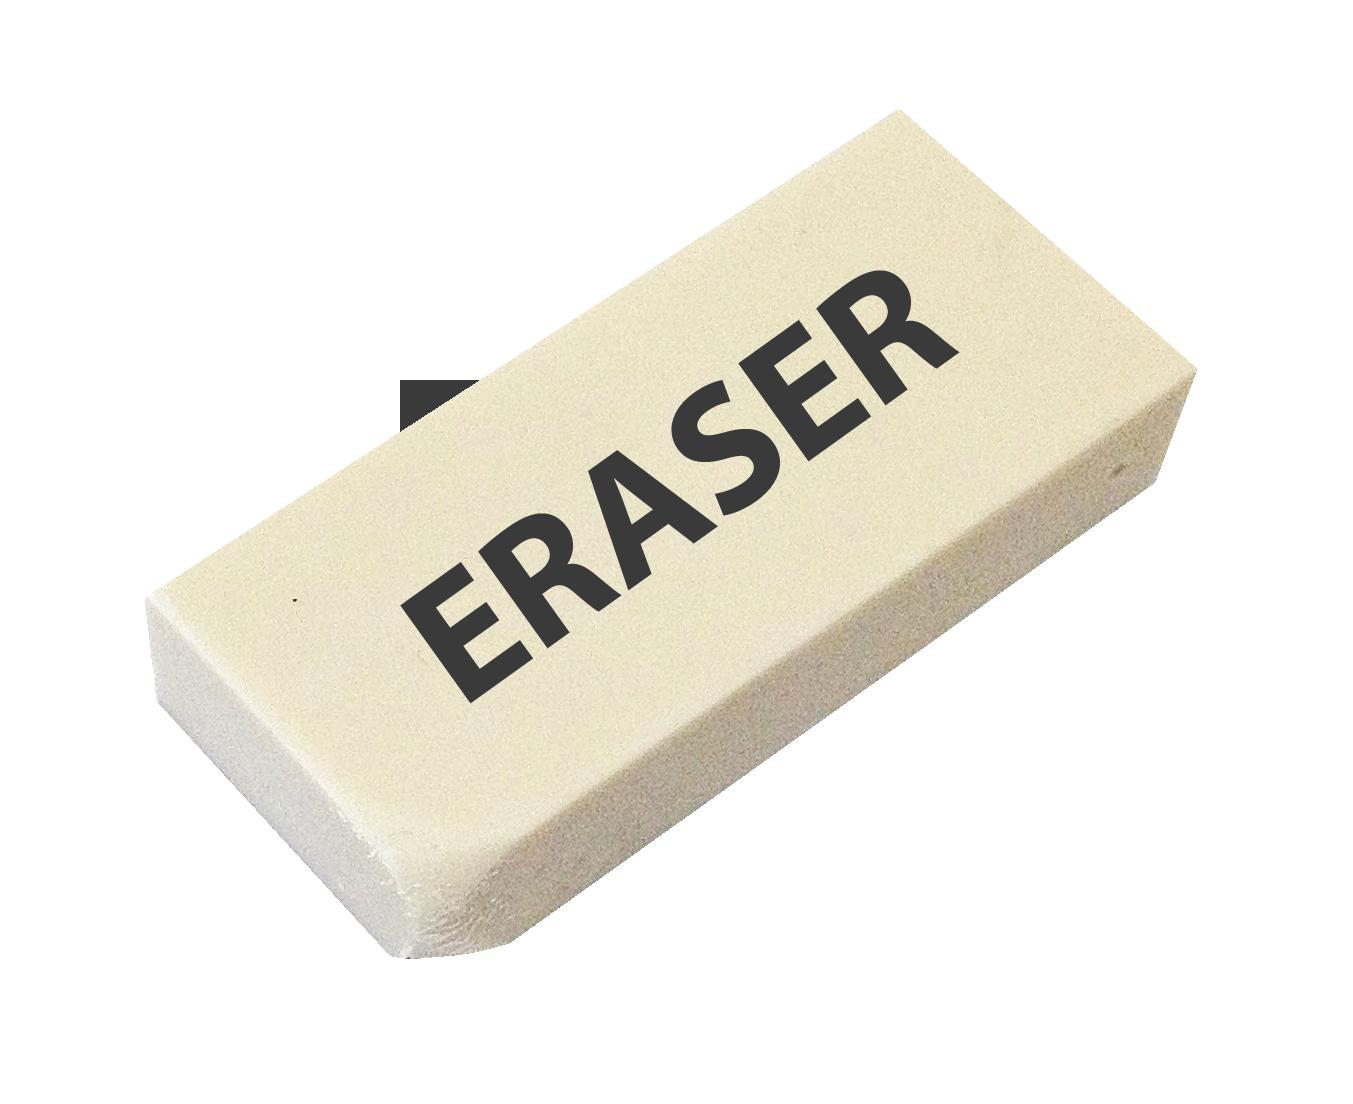 clipart download Eraser PNG Transparent Image